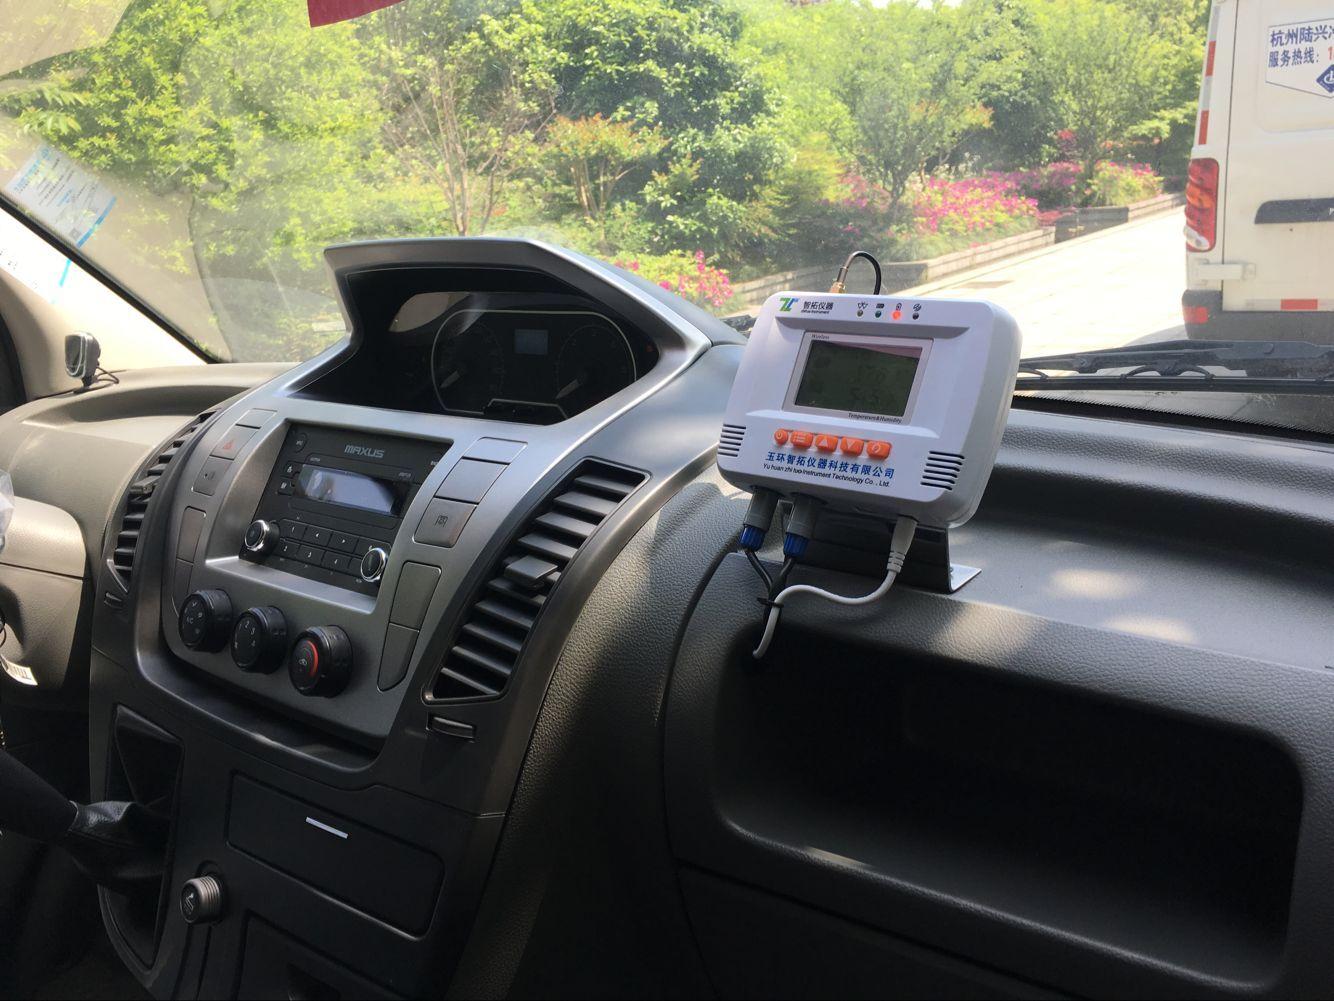 冷藏车温湿度监控系统